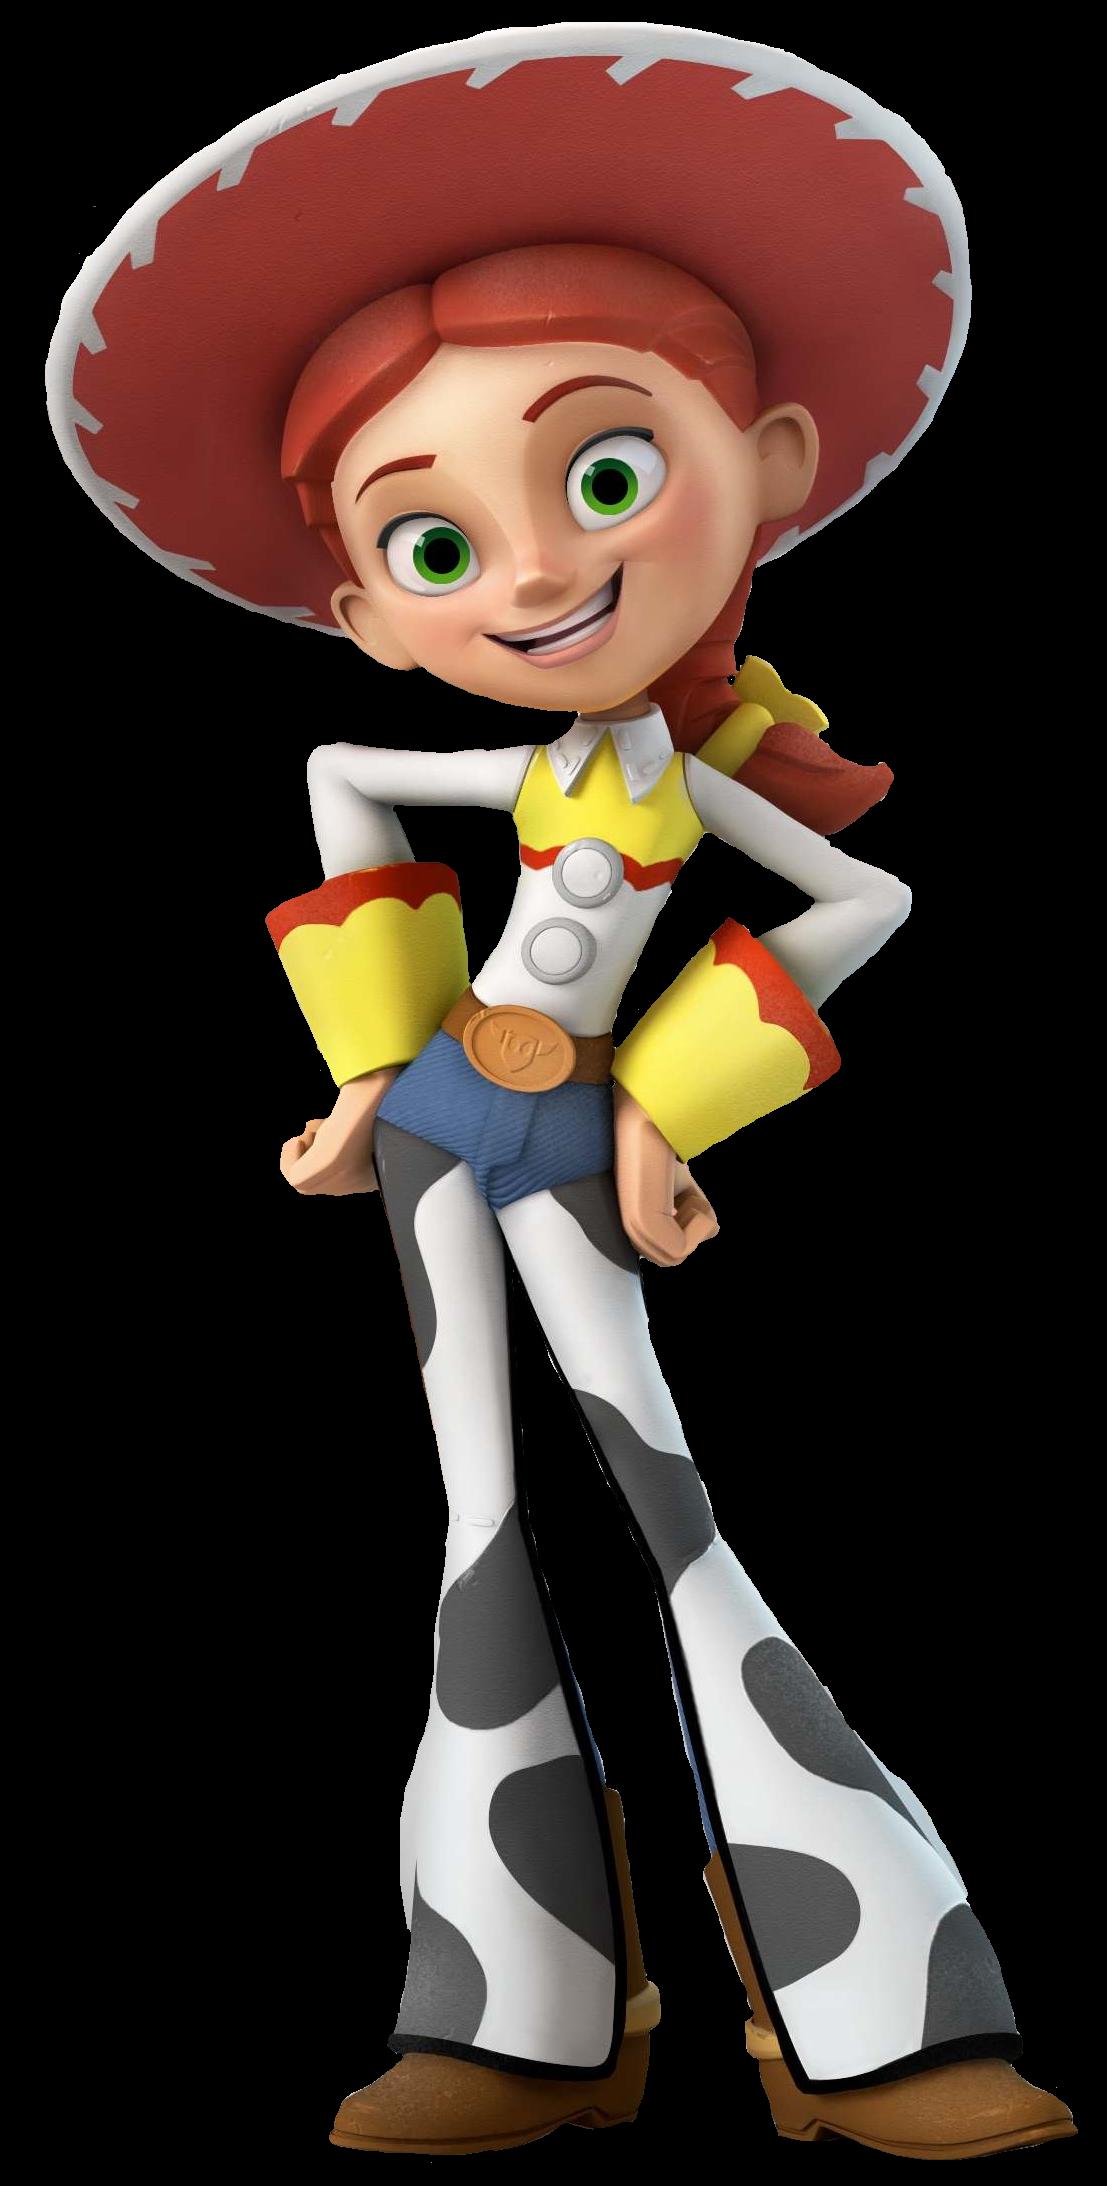 Toy Story En El Espacio En Disney Infinity - HobbyConsolas Juegos